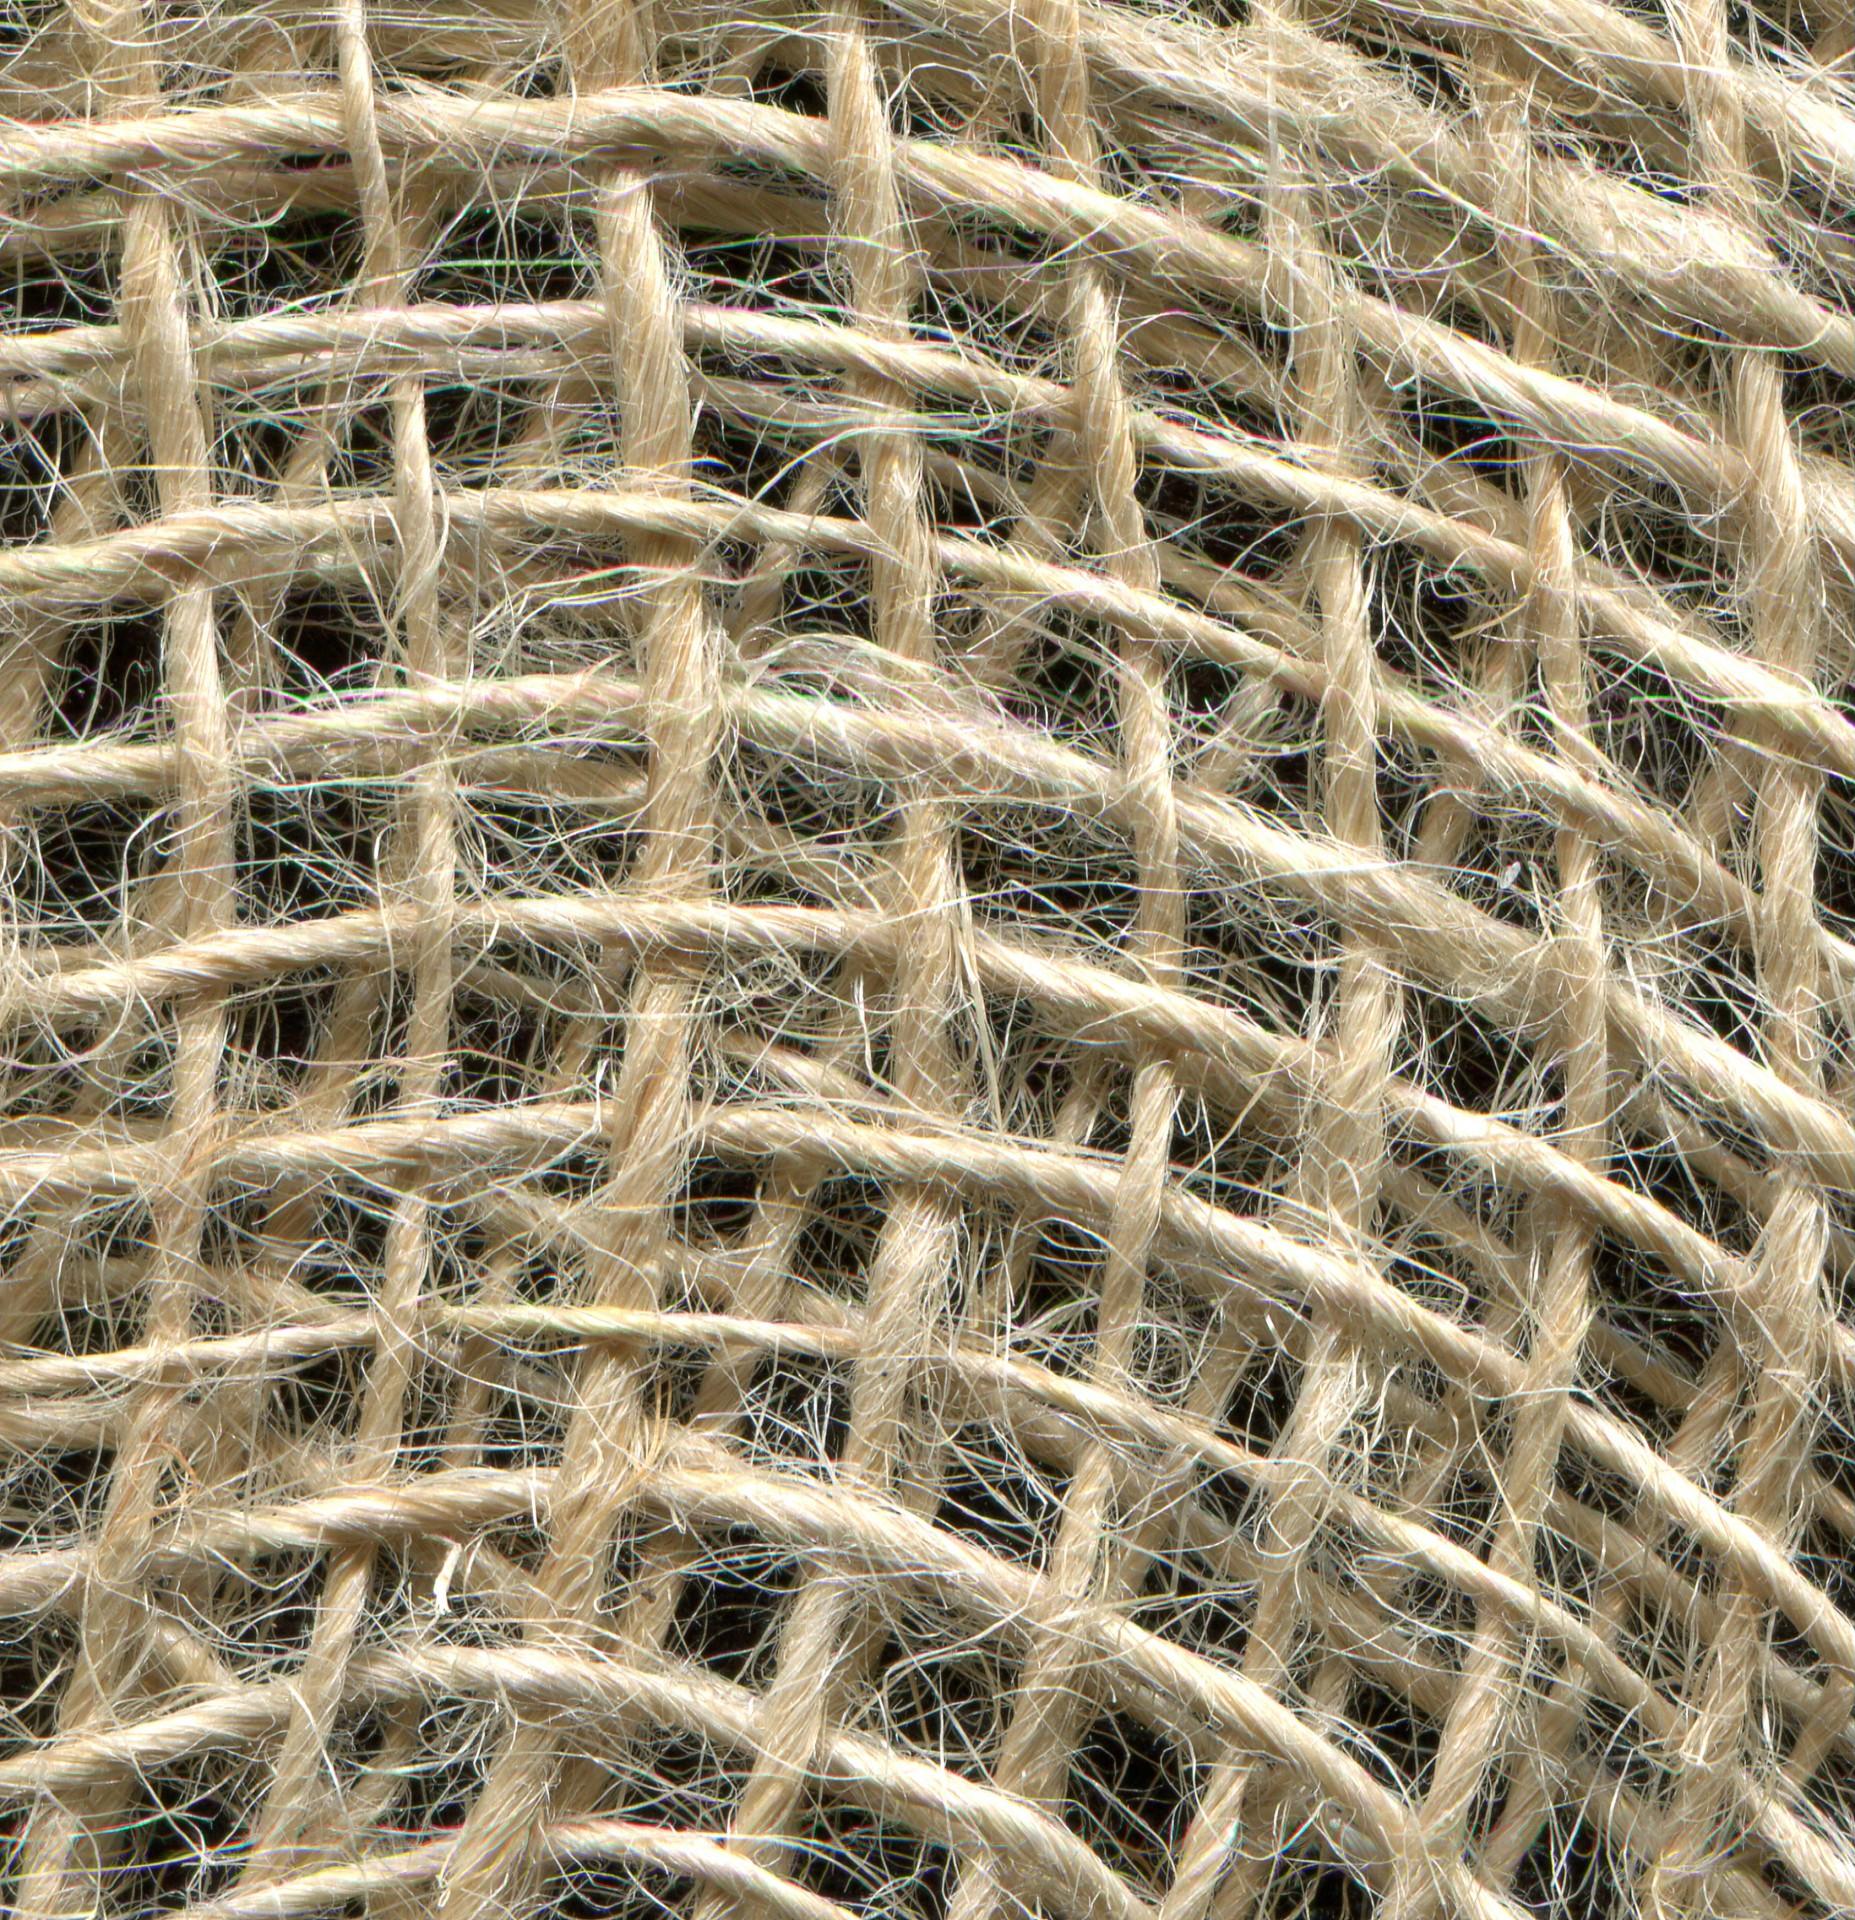 Detalhe de tecido com pelo eriçado. Como tiar mancha de caneta do sofá.